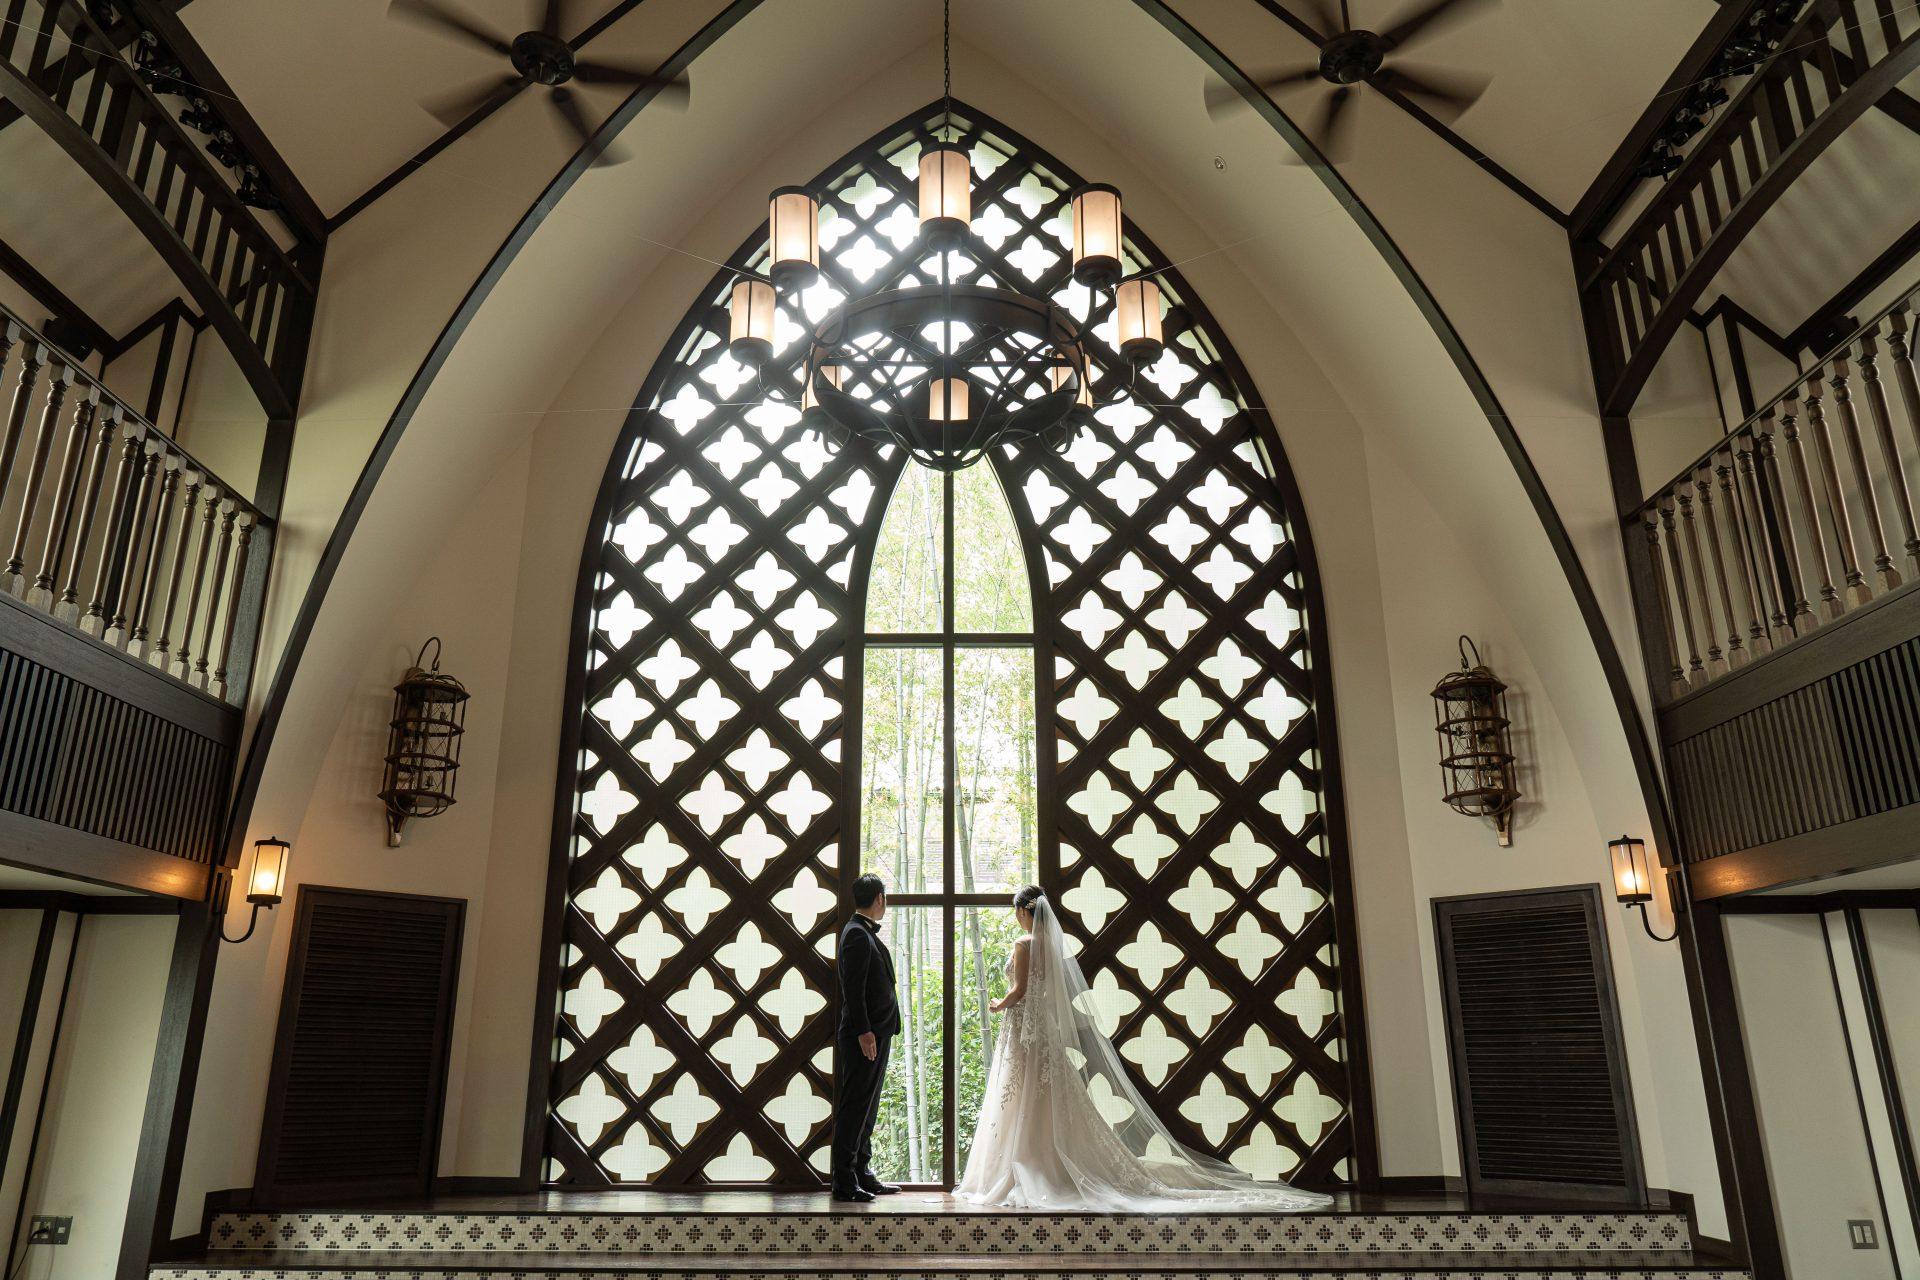 七宝柄のウィンドウが印象的で大聖堂のようなフォーチュンガーデン京都のチャペルで透明感溢れるロングトレーンのウェディングドレスをお召しになる新婦様とタキシード姿のご新郎様